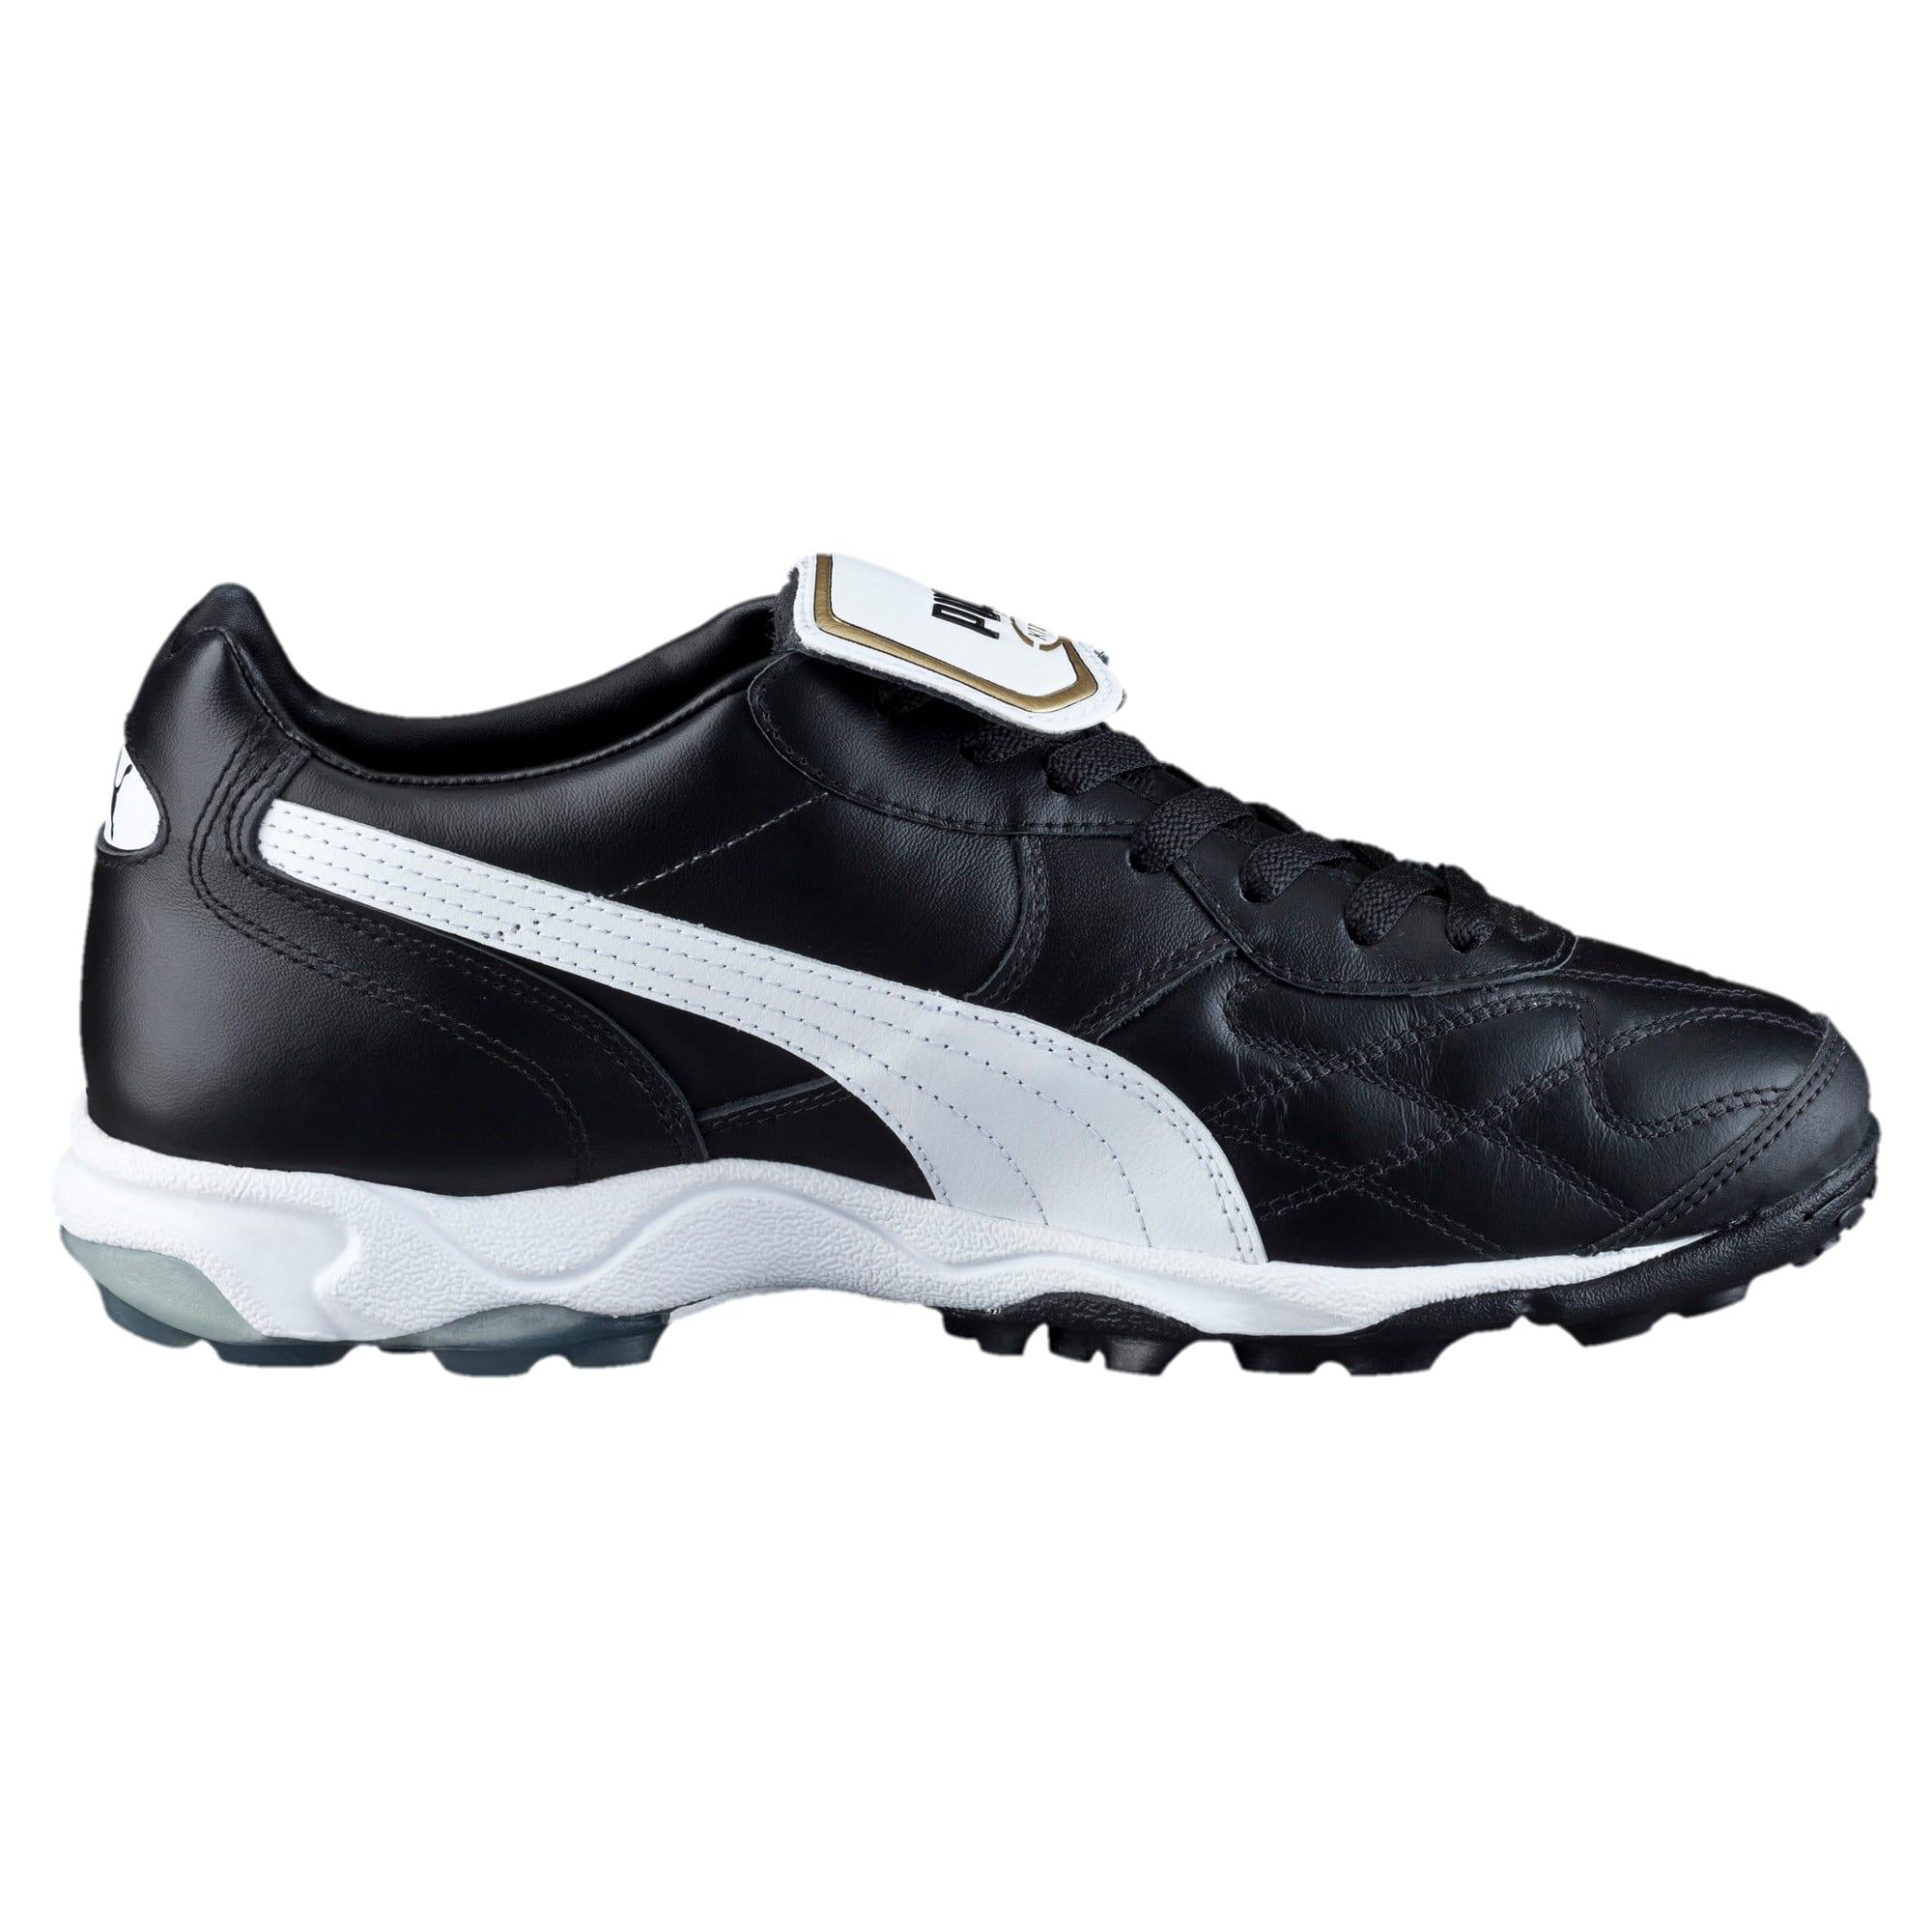 Thumbnail 4 of King Allround TT Men's Soccer Shoes, black-white-team gold, medium